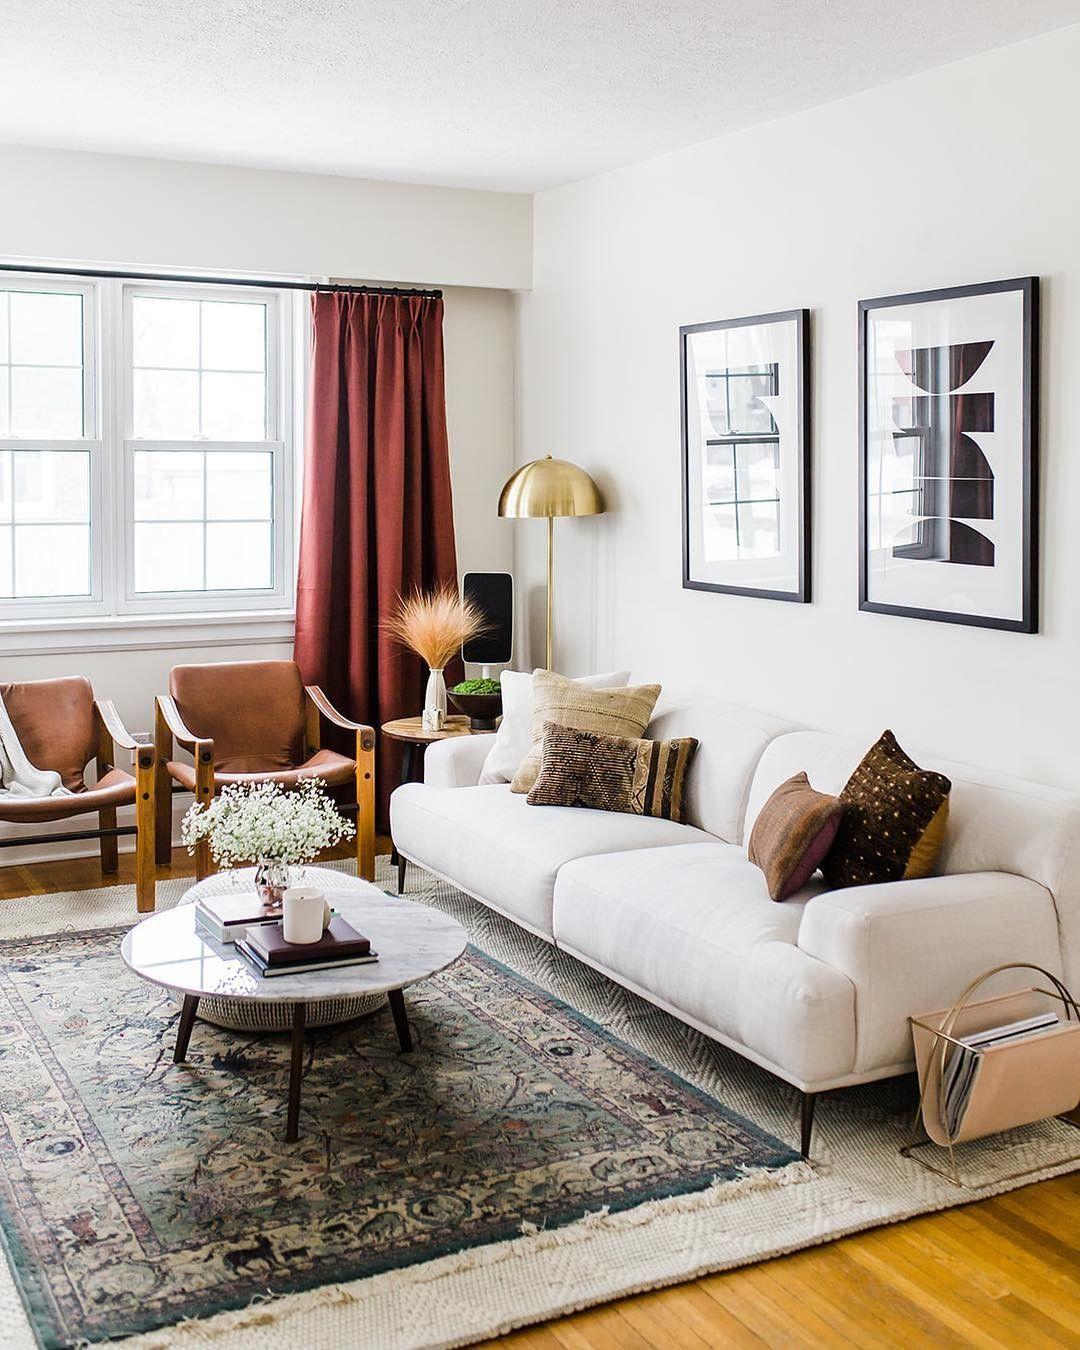 Abisko Quartz White Sofa Living Room Decor Neutral Trending Decor Neutral Living Room